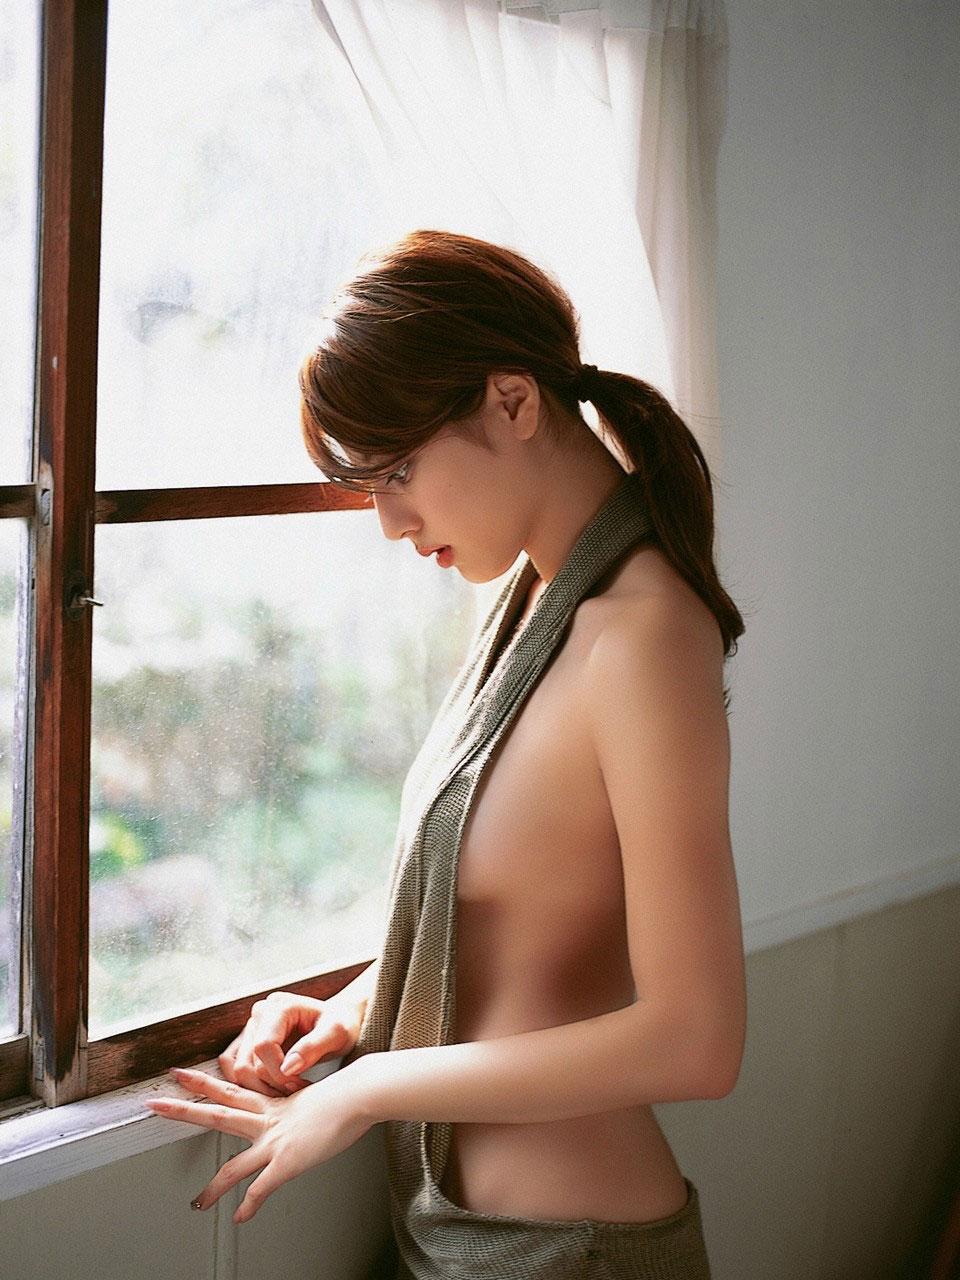 【おっぱい】誰がなんと言おうと横乳は乳首が見えているおっぱいよりもエロい!【31枚】 23